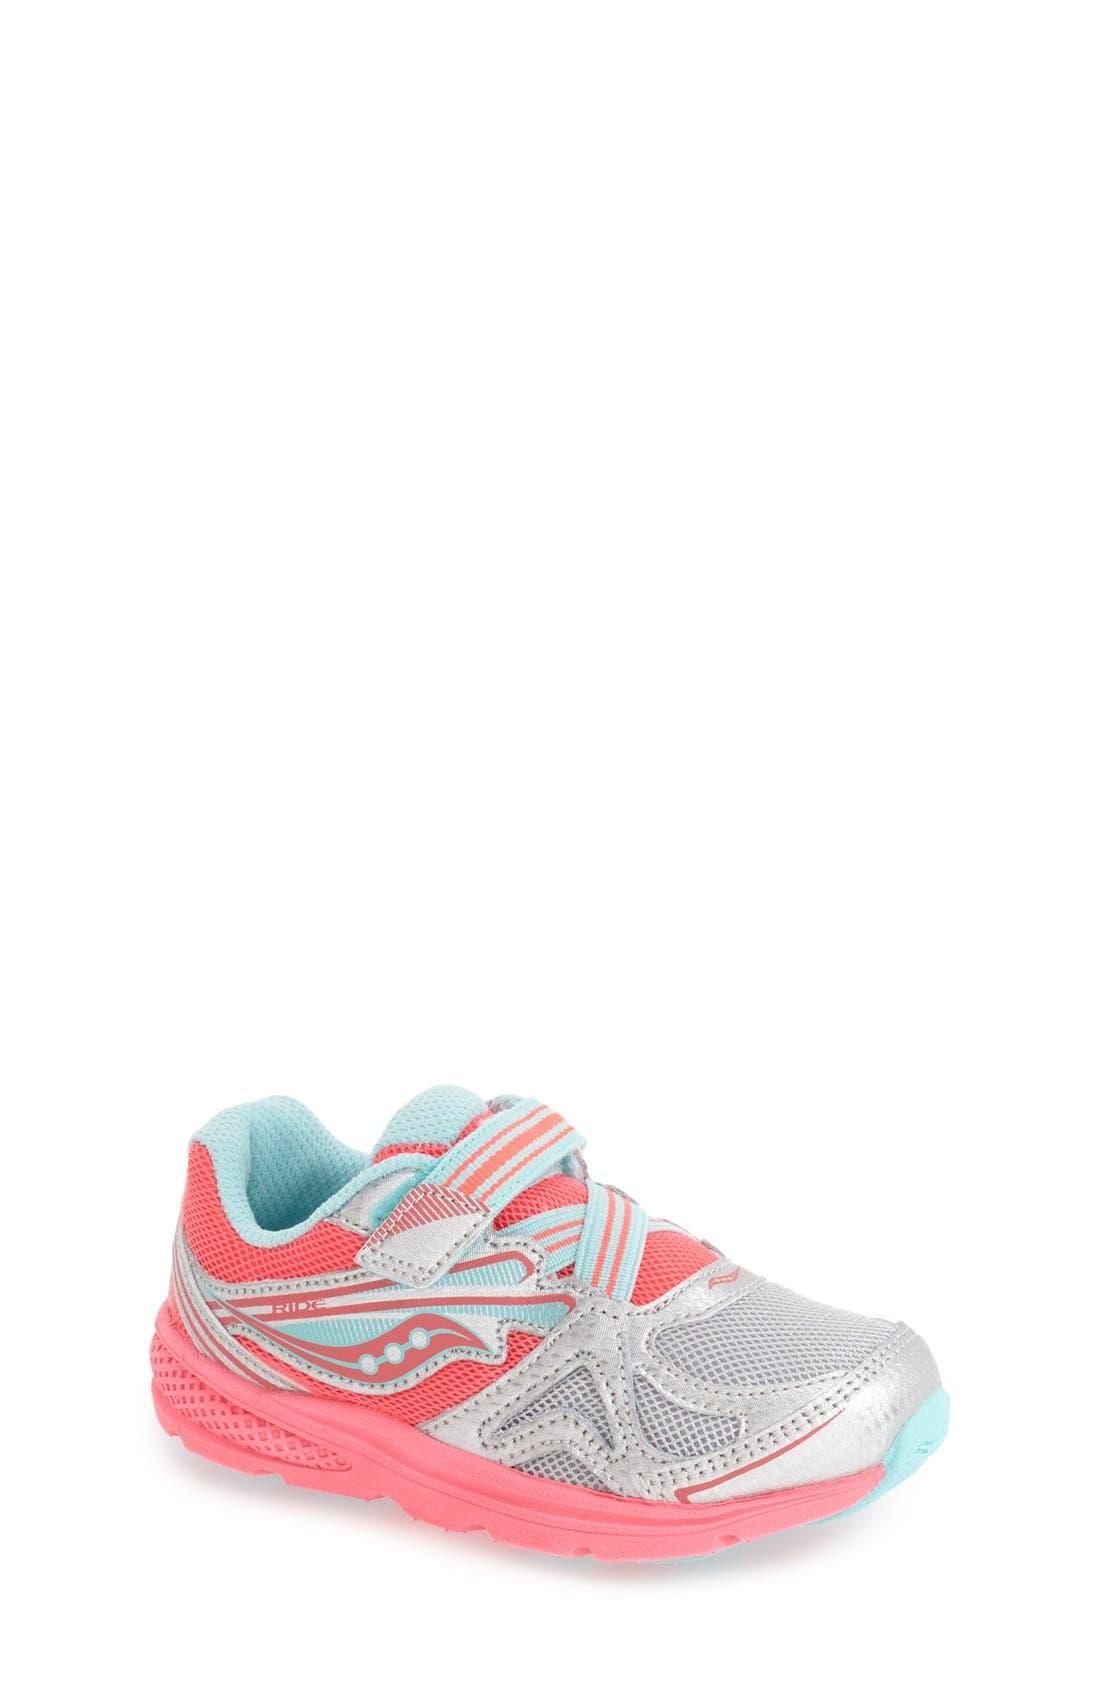 SAUCONY 'Baby Ride' Sneaker